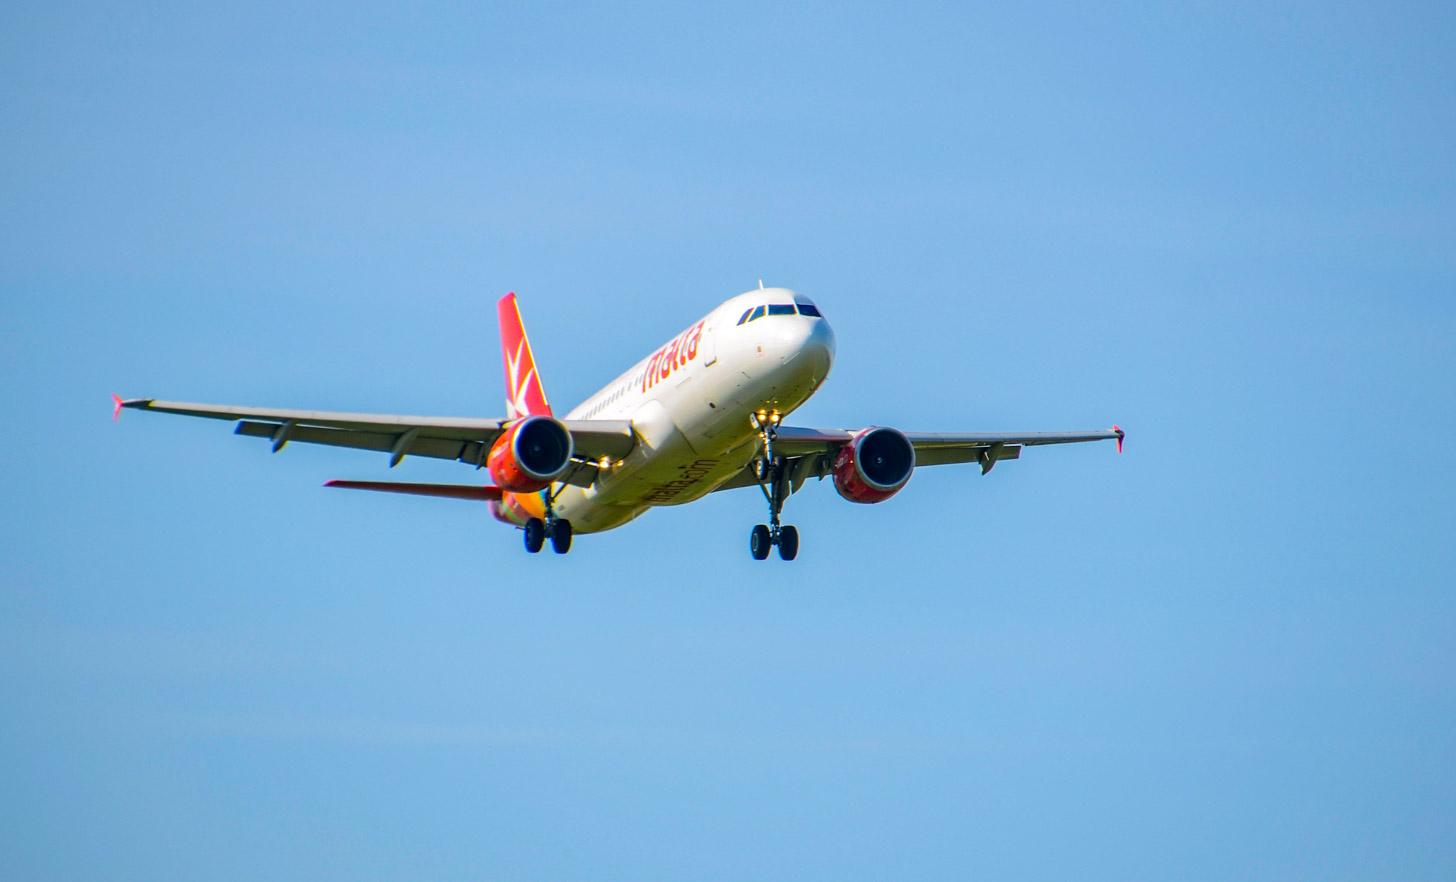 vliegen naar Malta, bijvoorbeeld met Air Malta